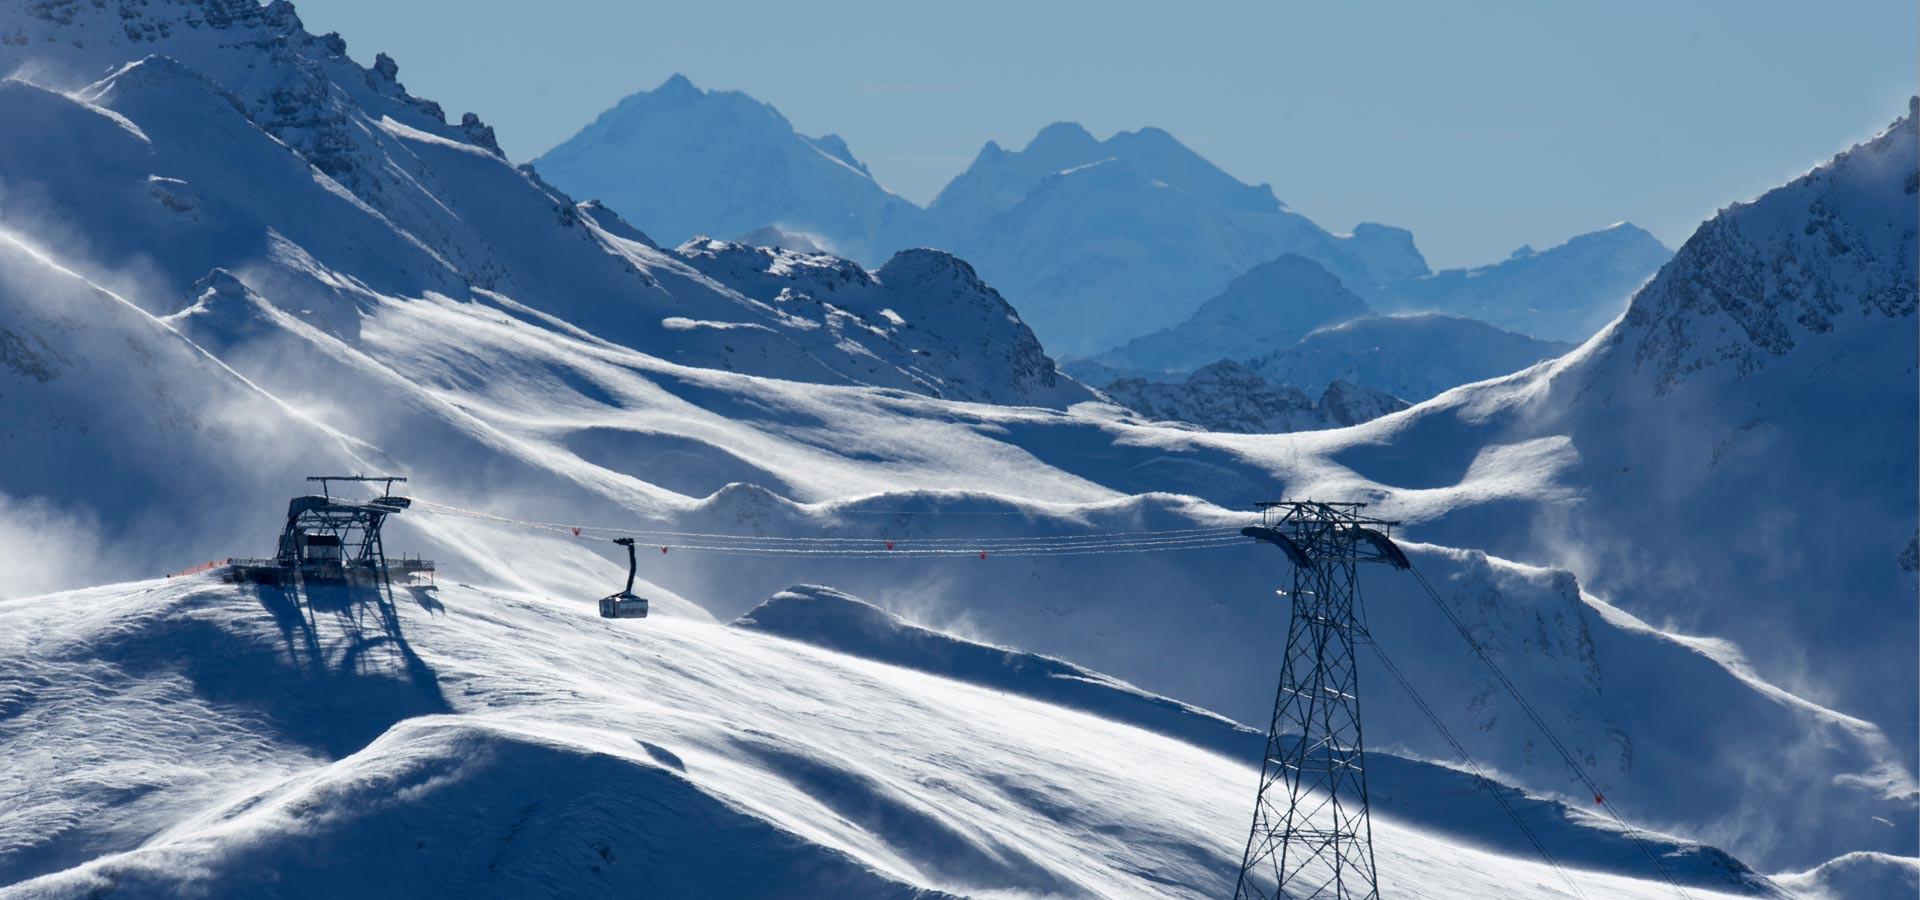 Skigebiet Silvretta Arena Skivergnügen pur und Schneesicherheit